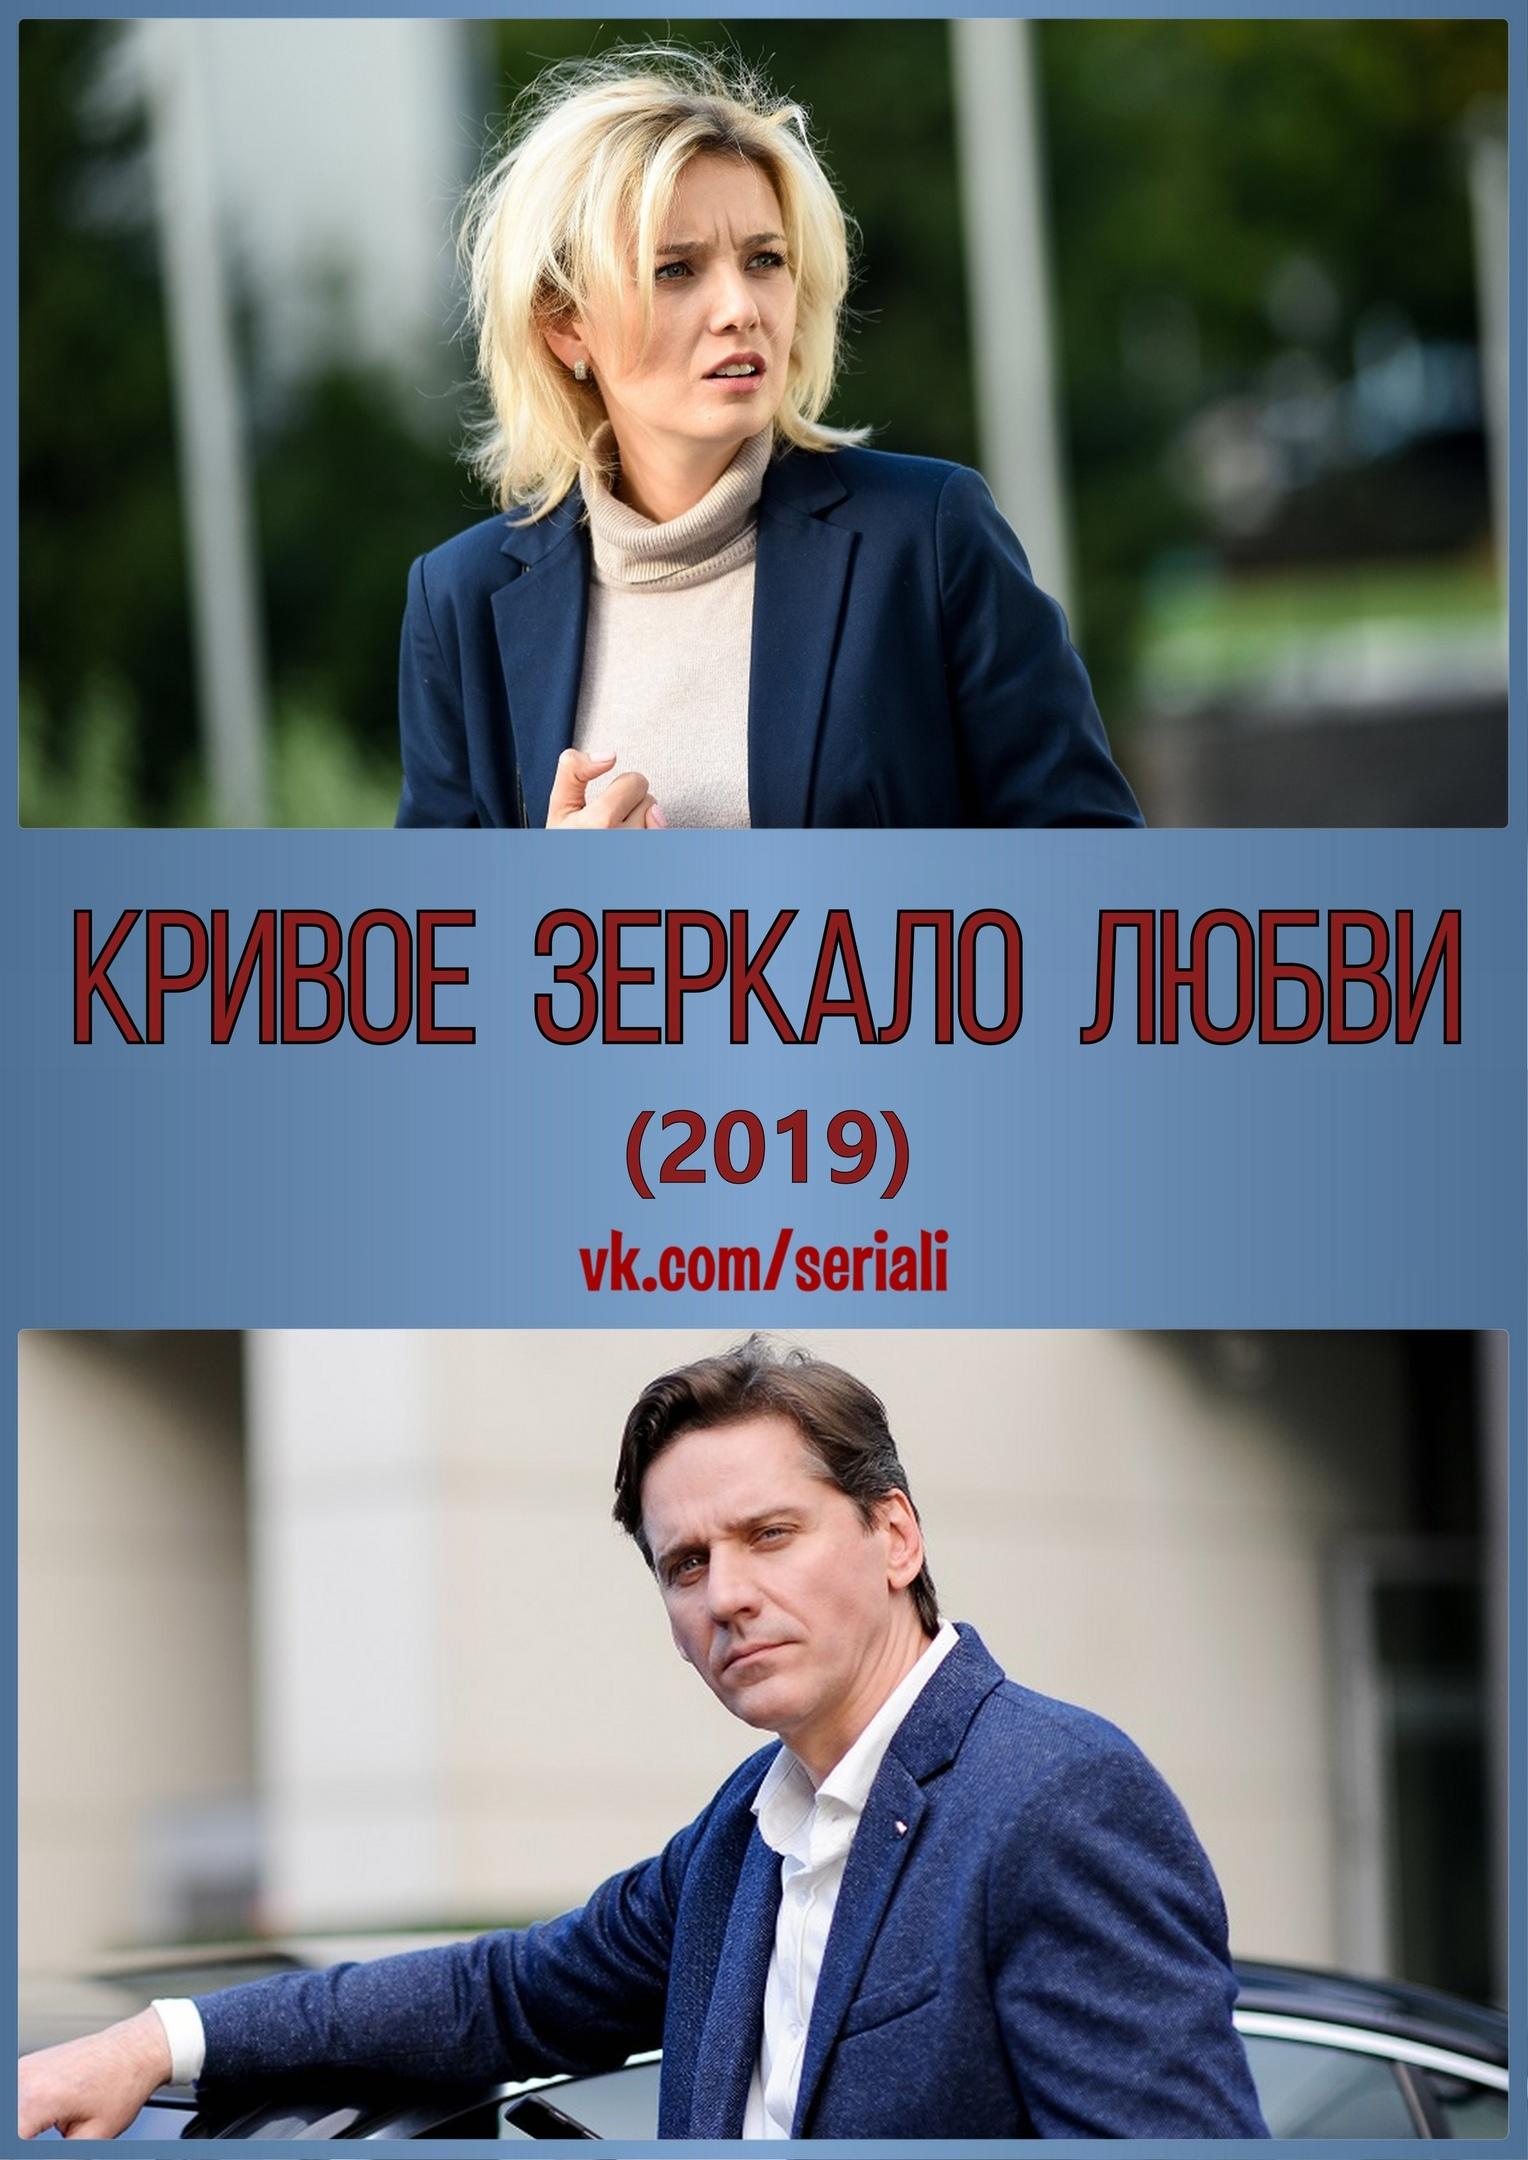 Мелодрама «Kpивoe зepкaлo любви» (2019) 1-4 серия из 4 HD